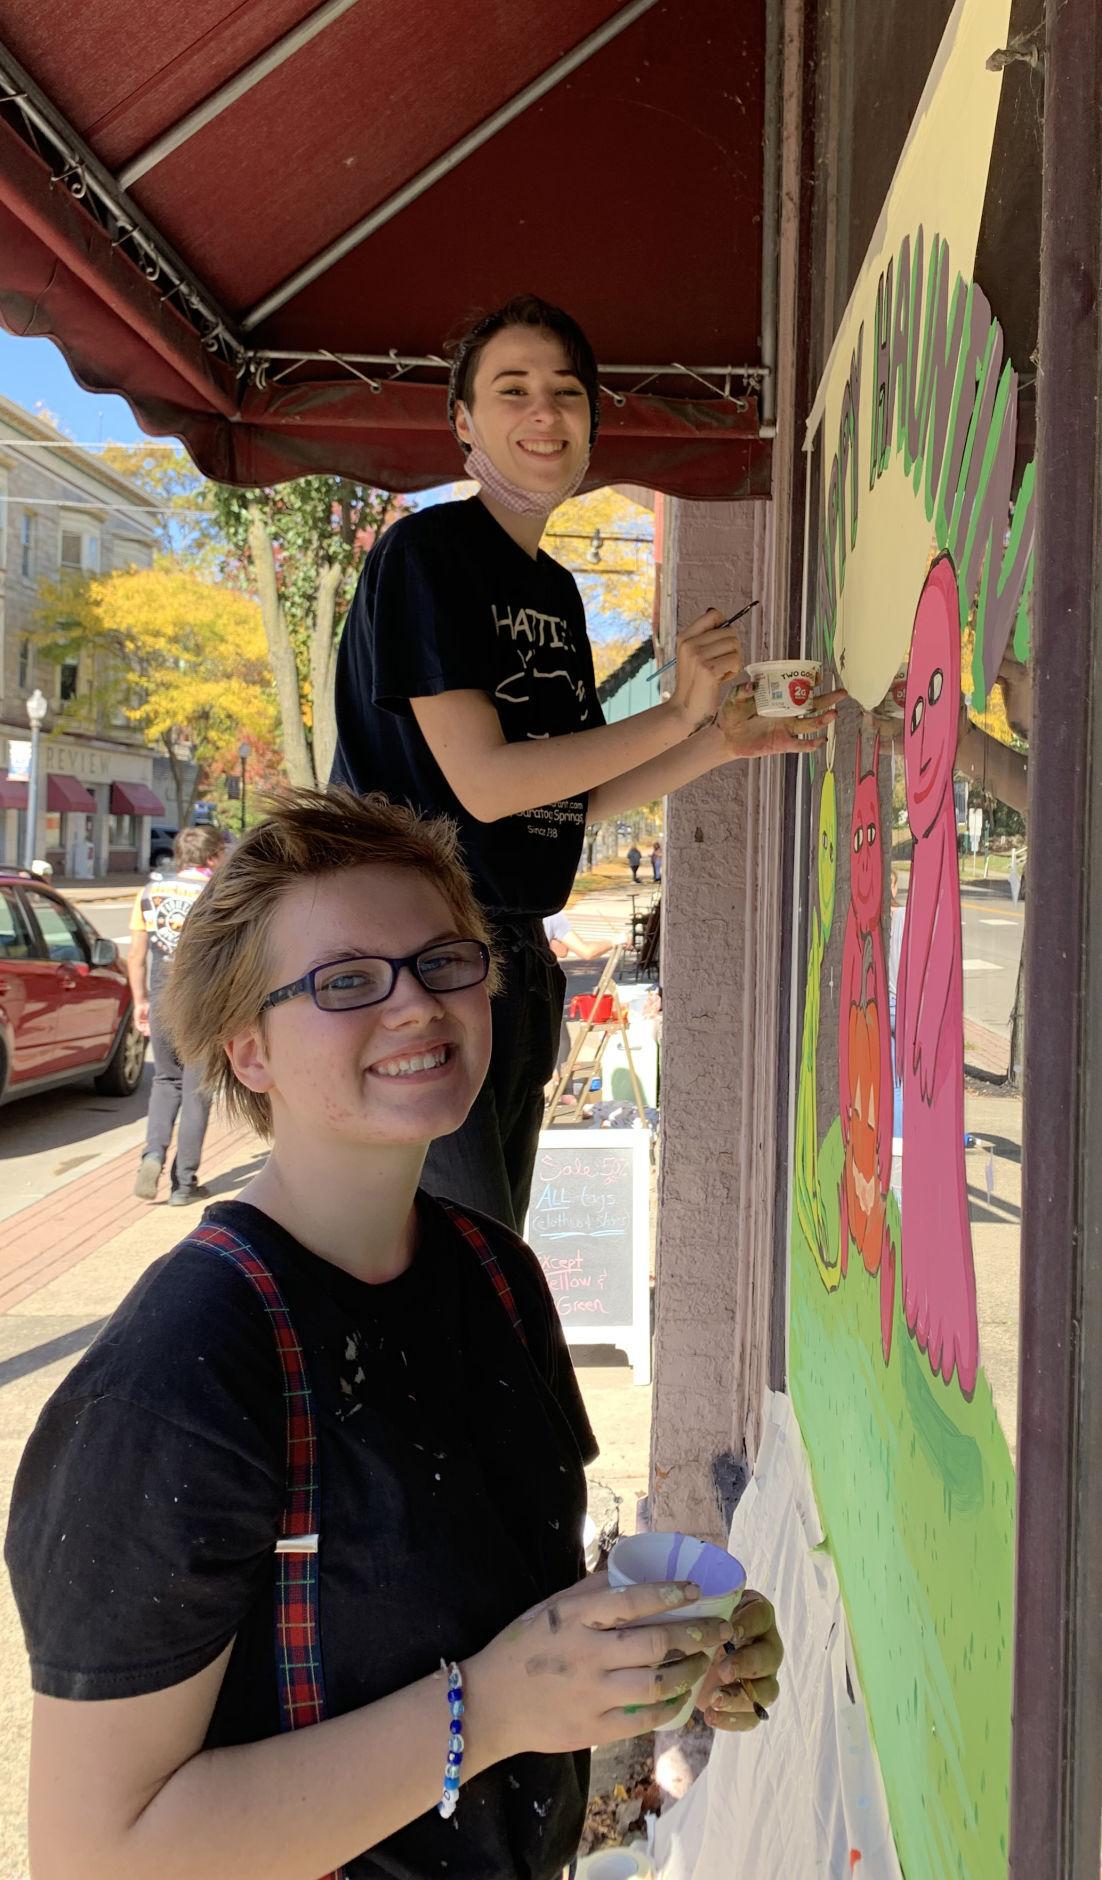 Window painters bring the Halloween spirit to Towanda Main Street